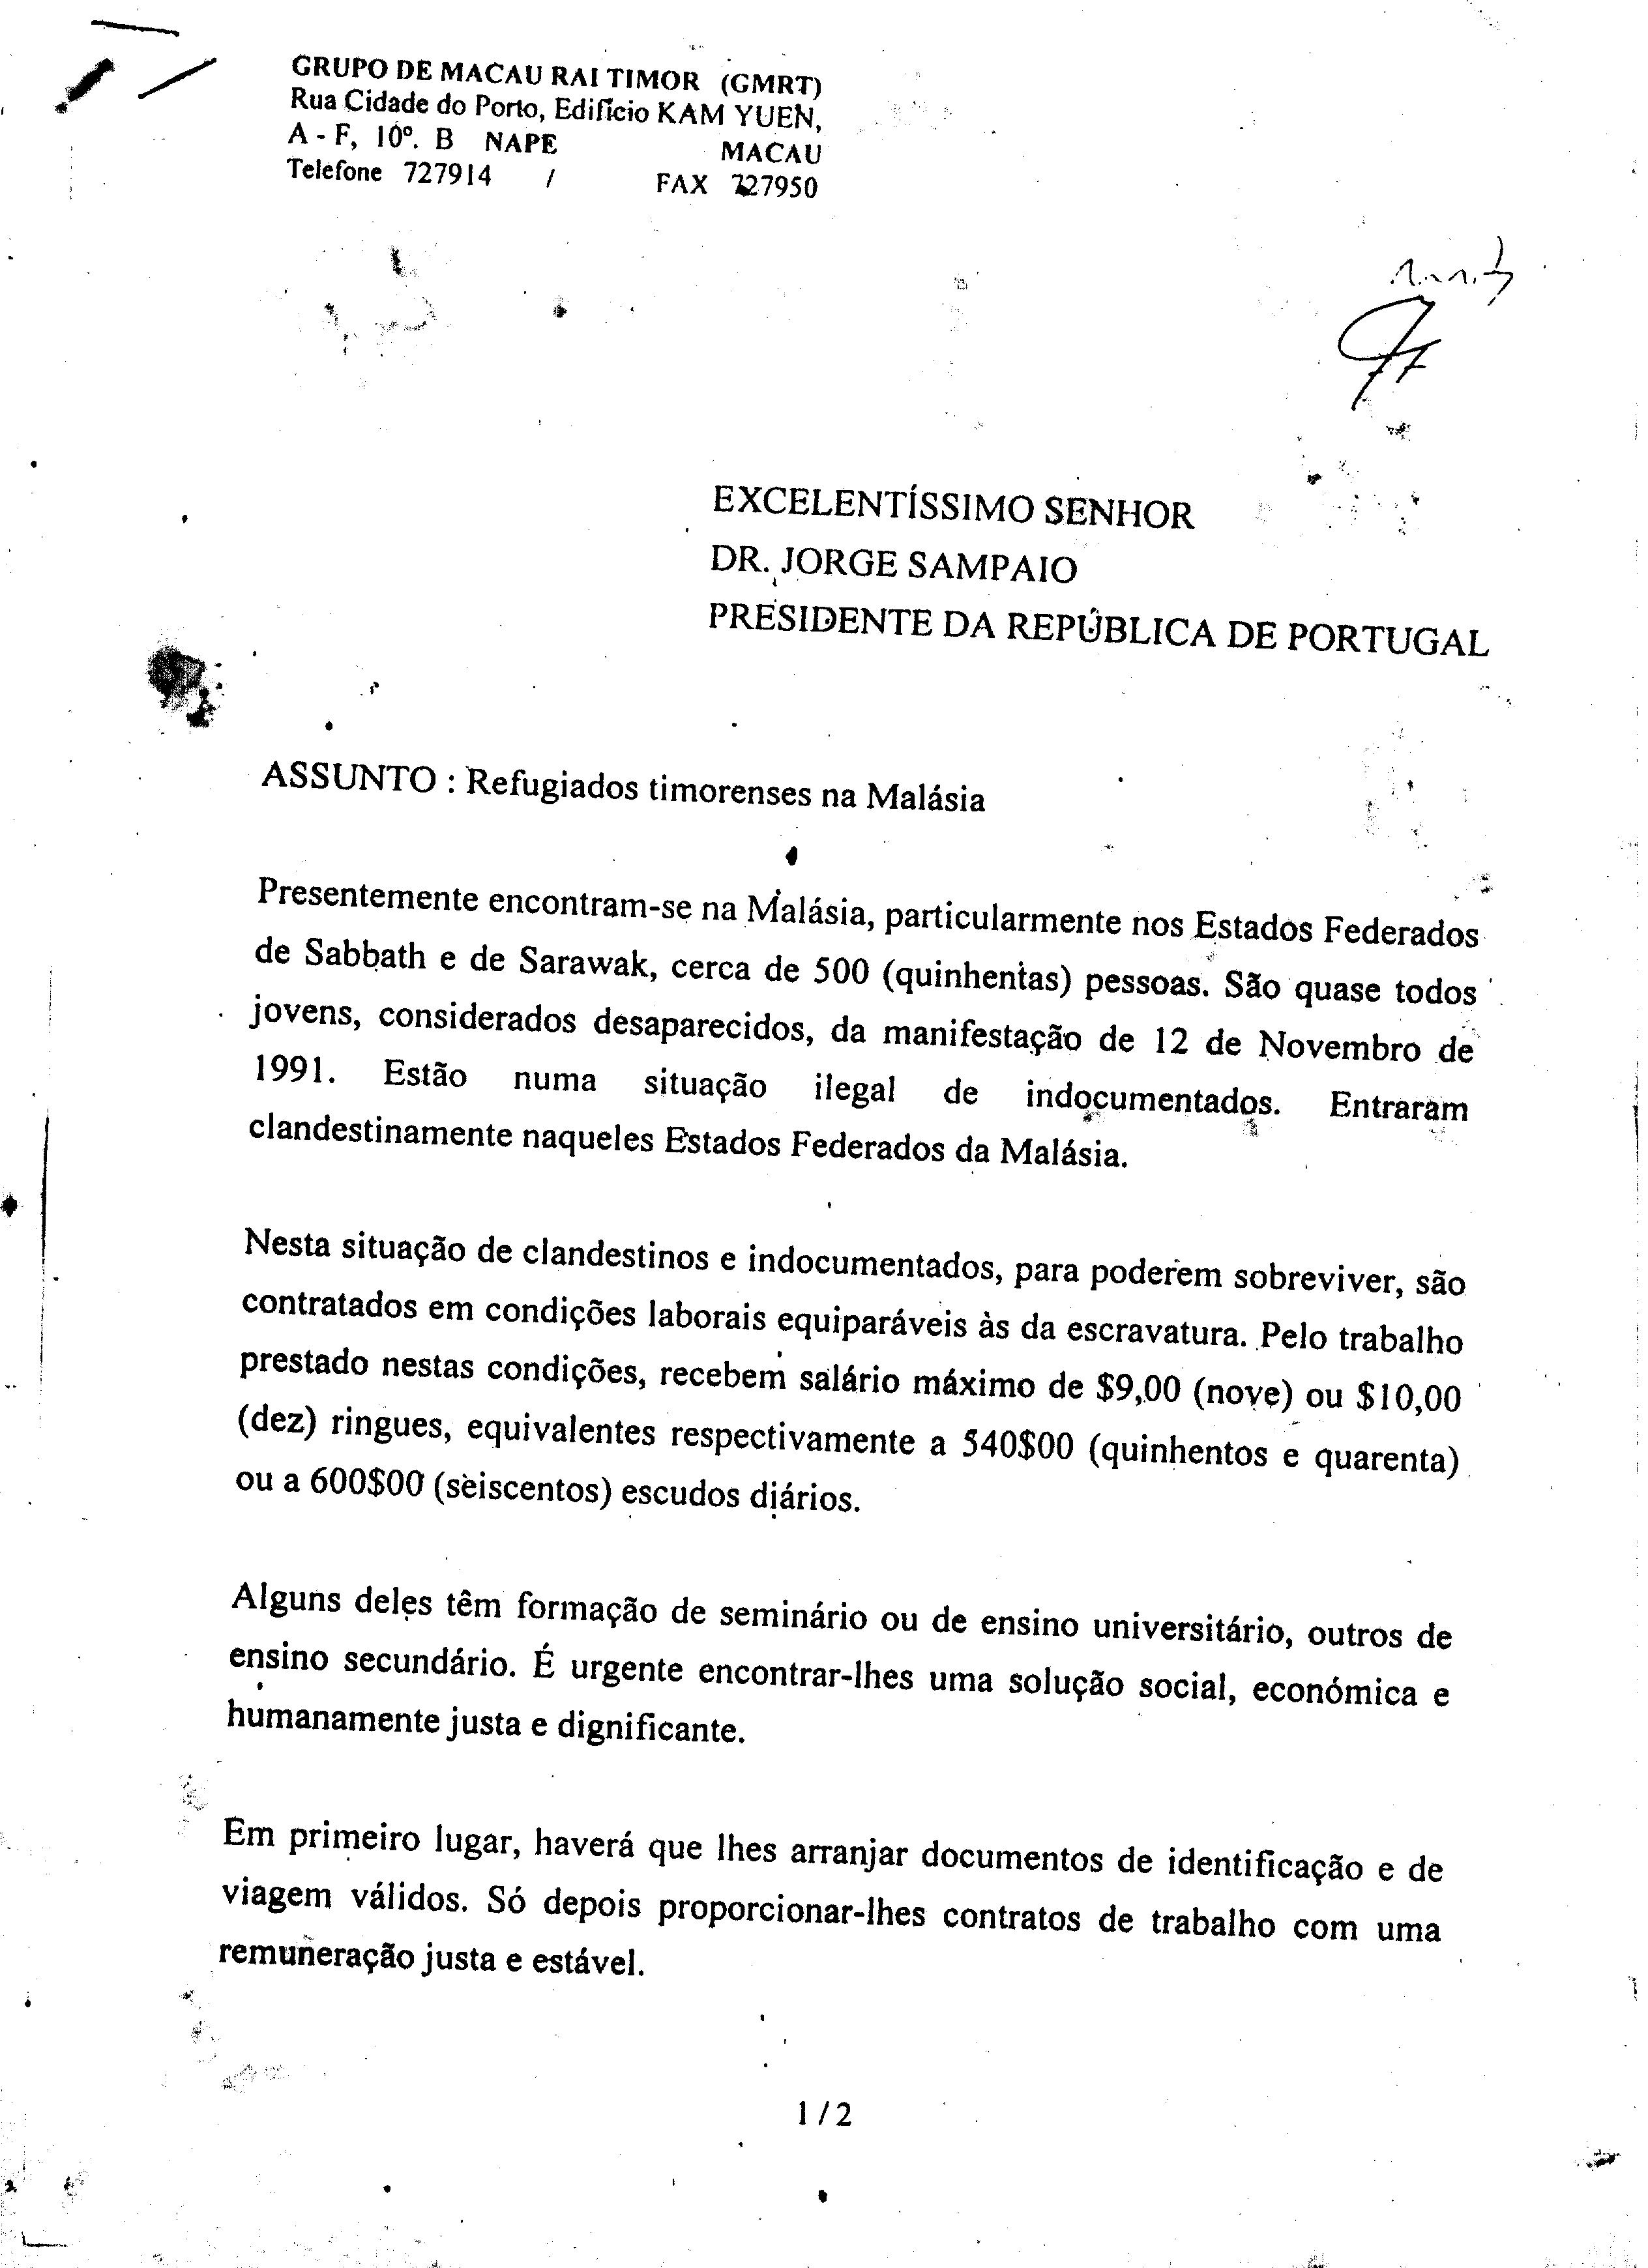 06228.094- pag.1